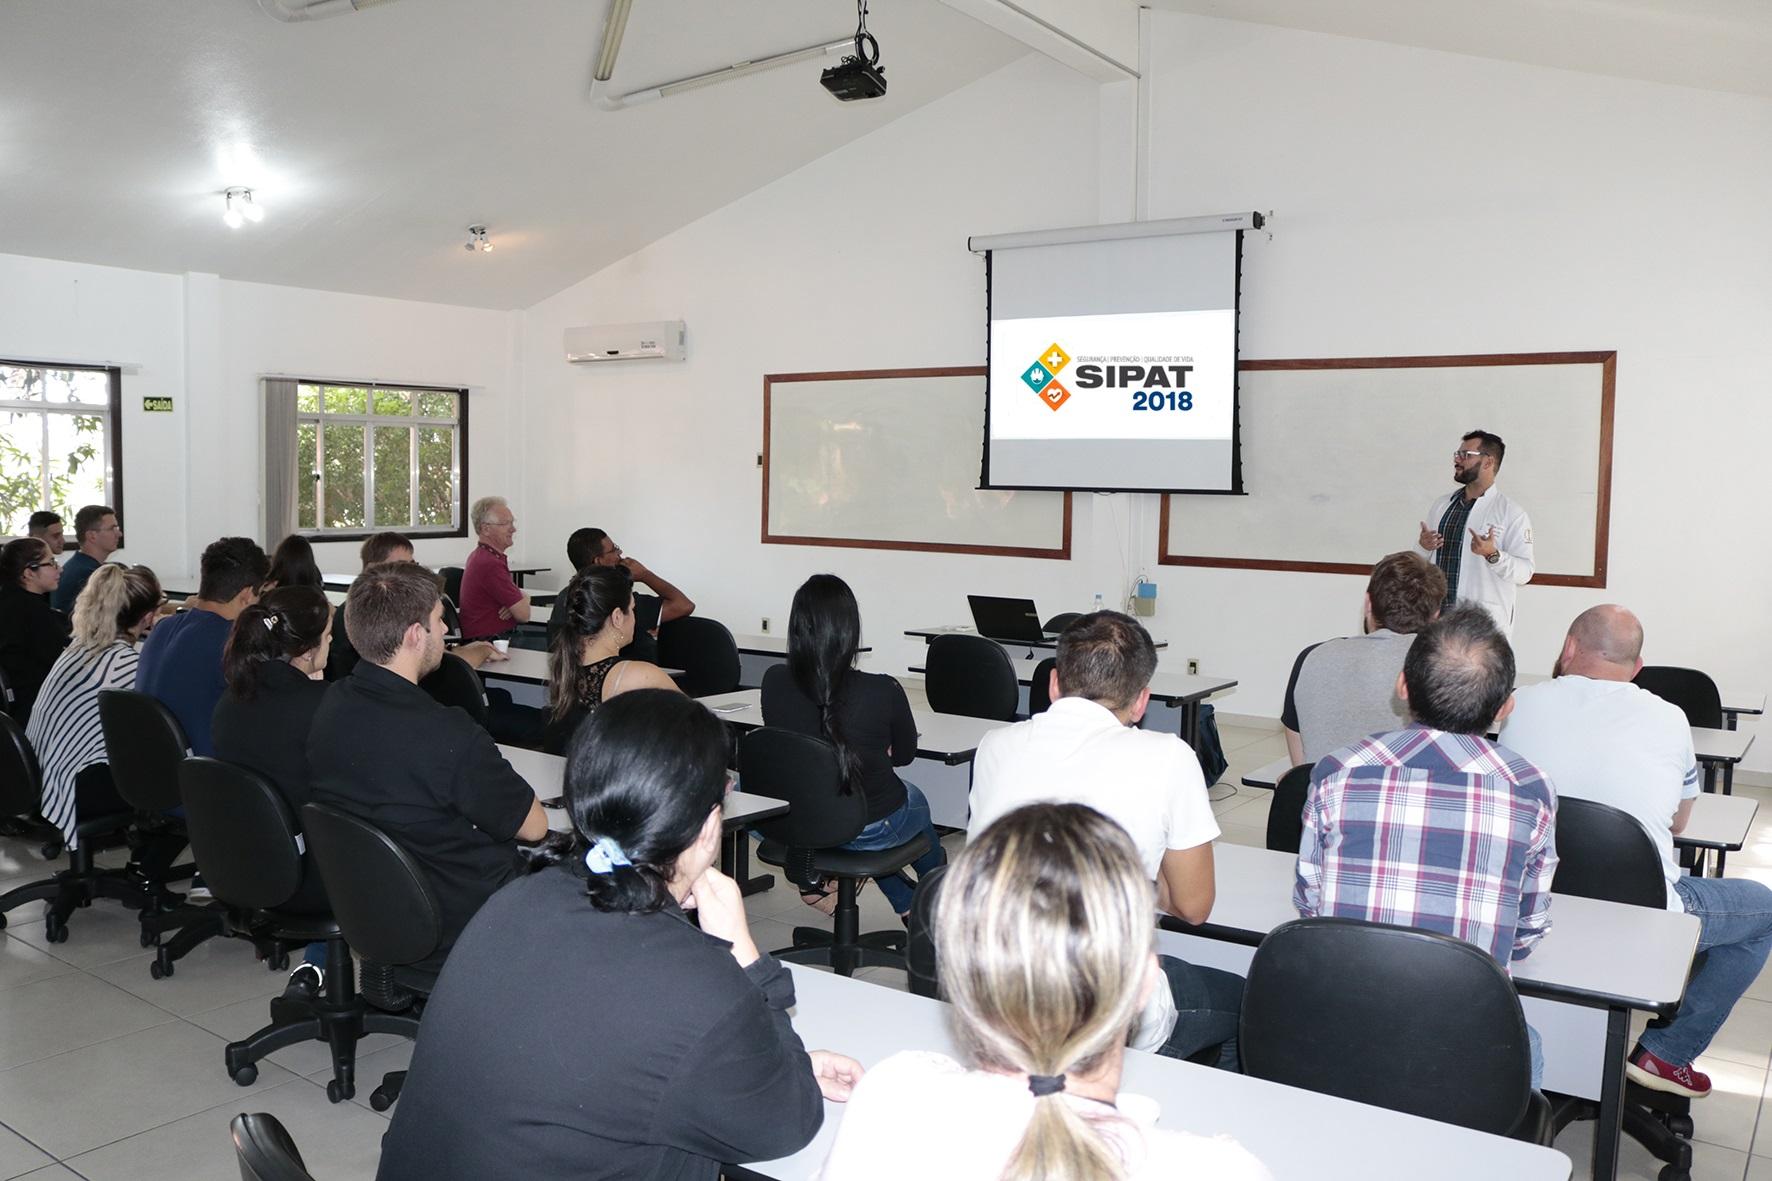 Colaboradores do IBTeC recebem palestra sobre medicina preventiva e qualidade de vida